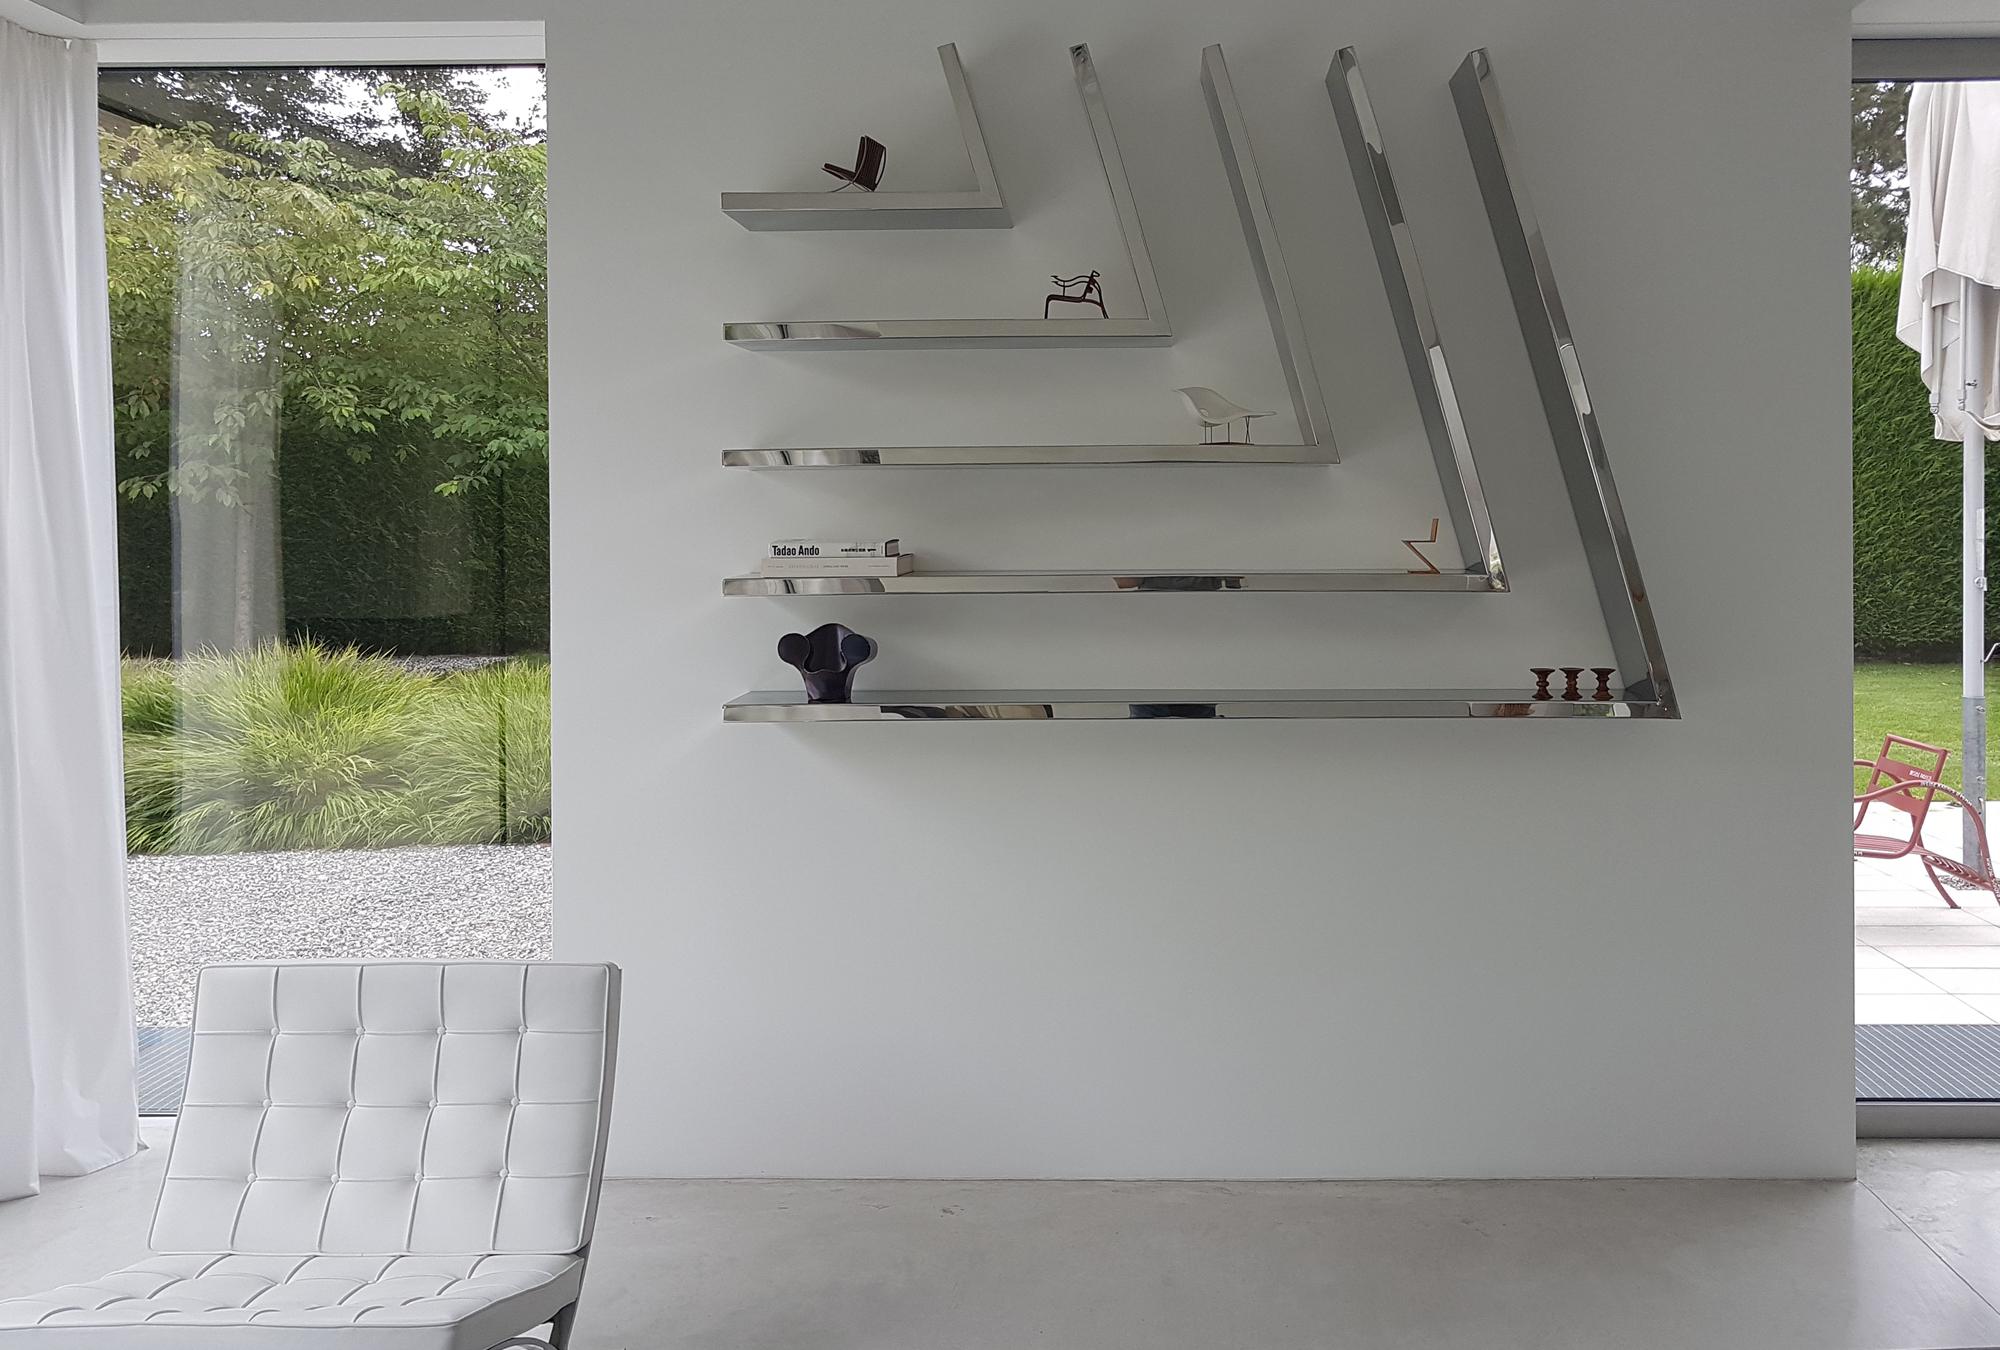 Hochglanzpoliertes Edelstahlregal | Design: carine stelte architecture & design